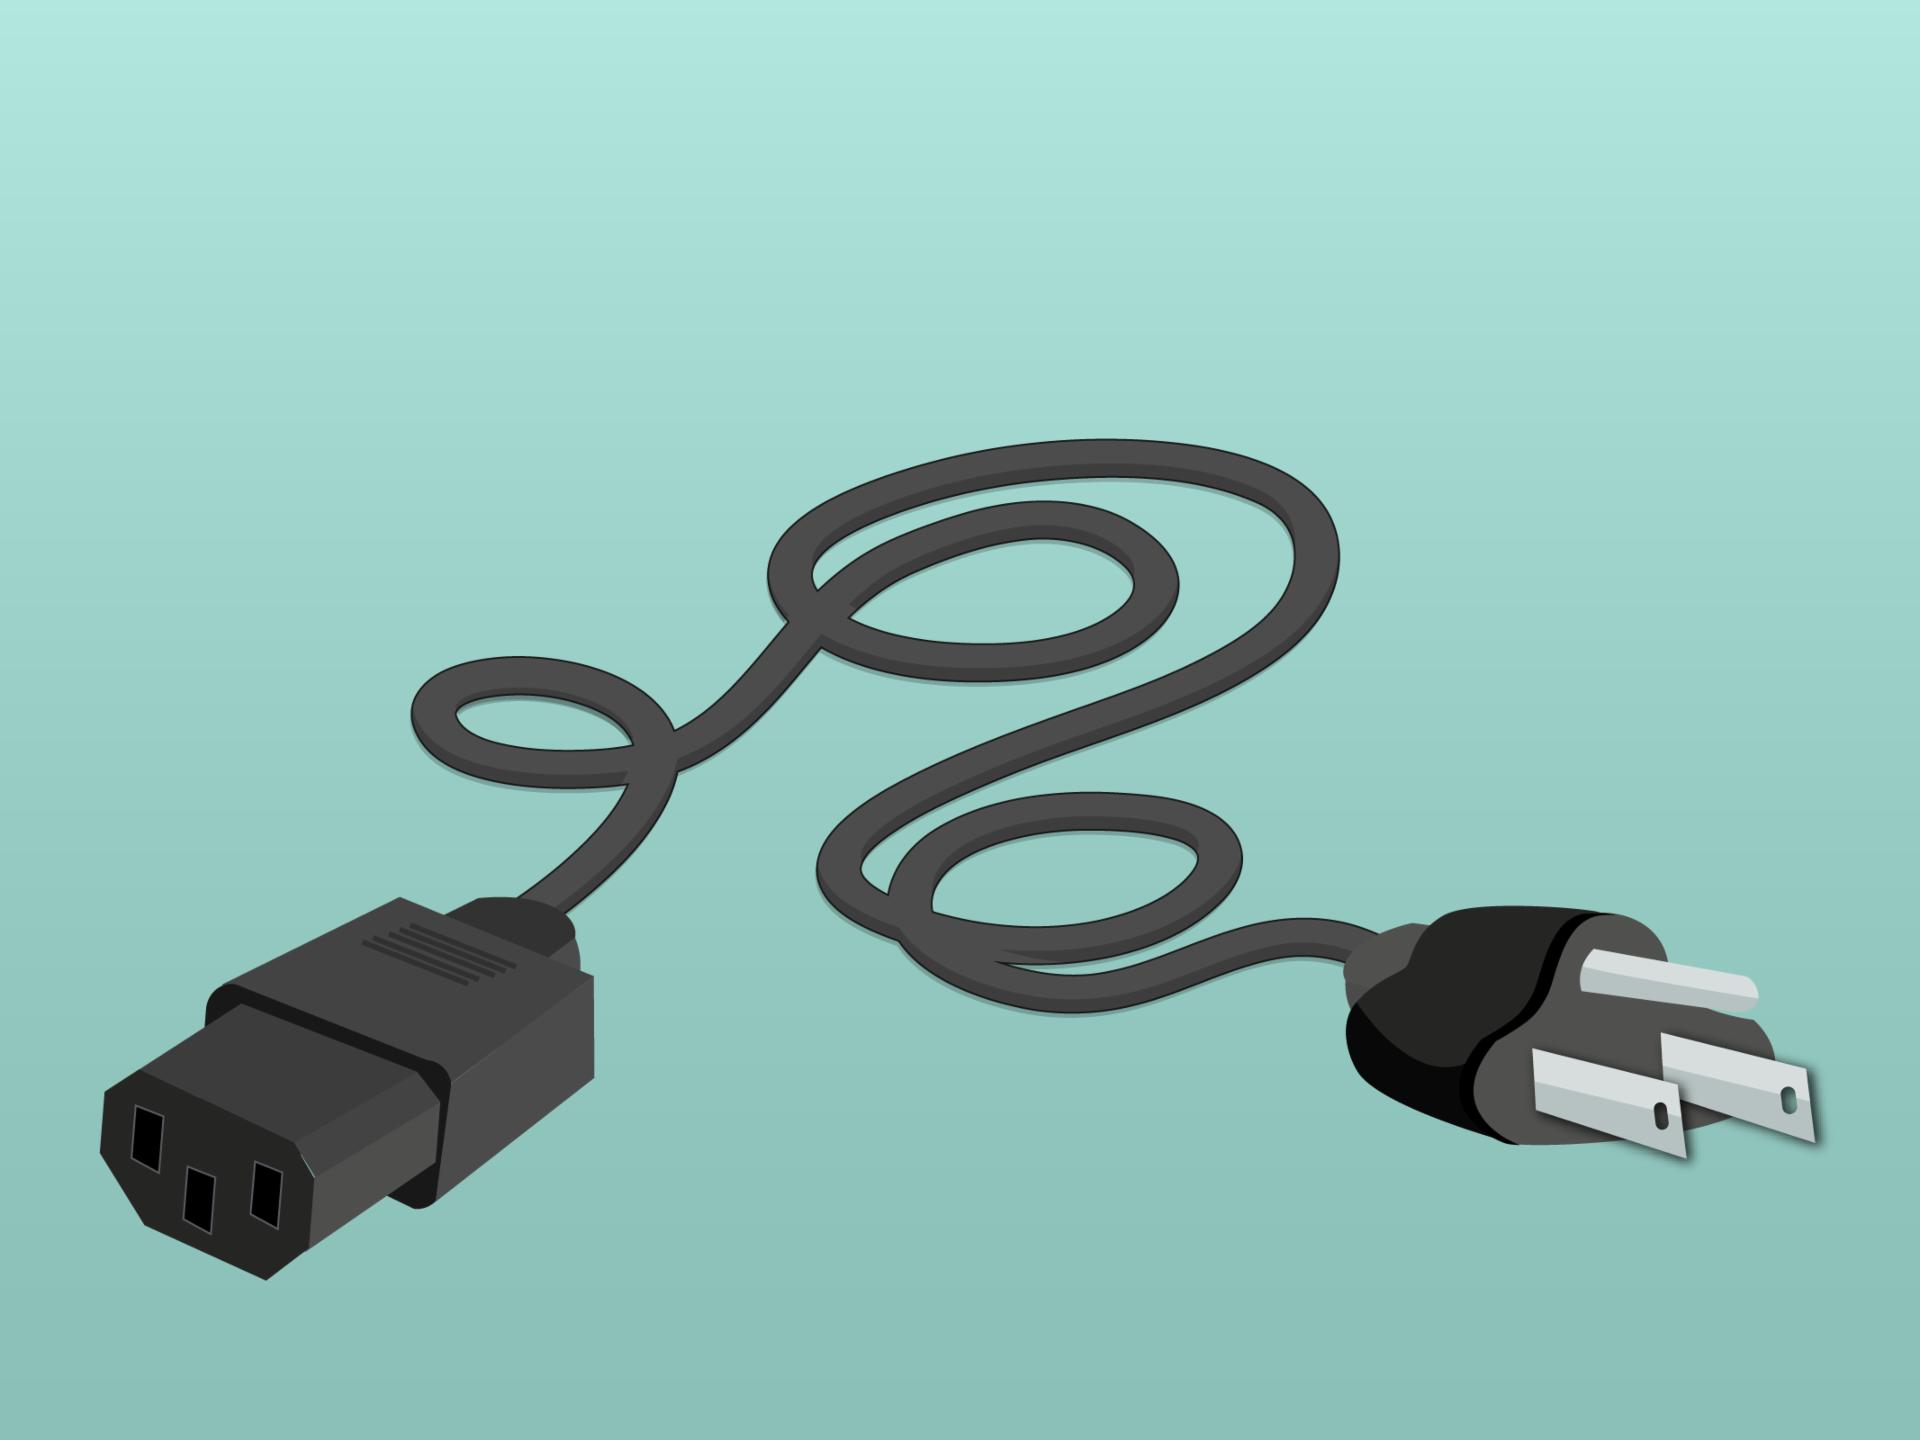 Cable de alimentación de energía eléctrica del enchufe a tu computador.